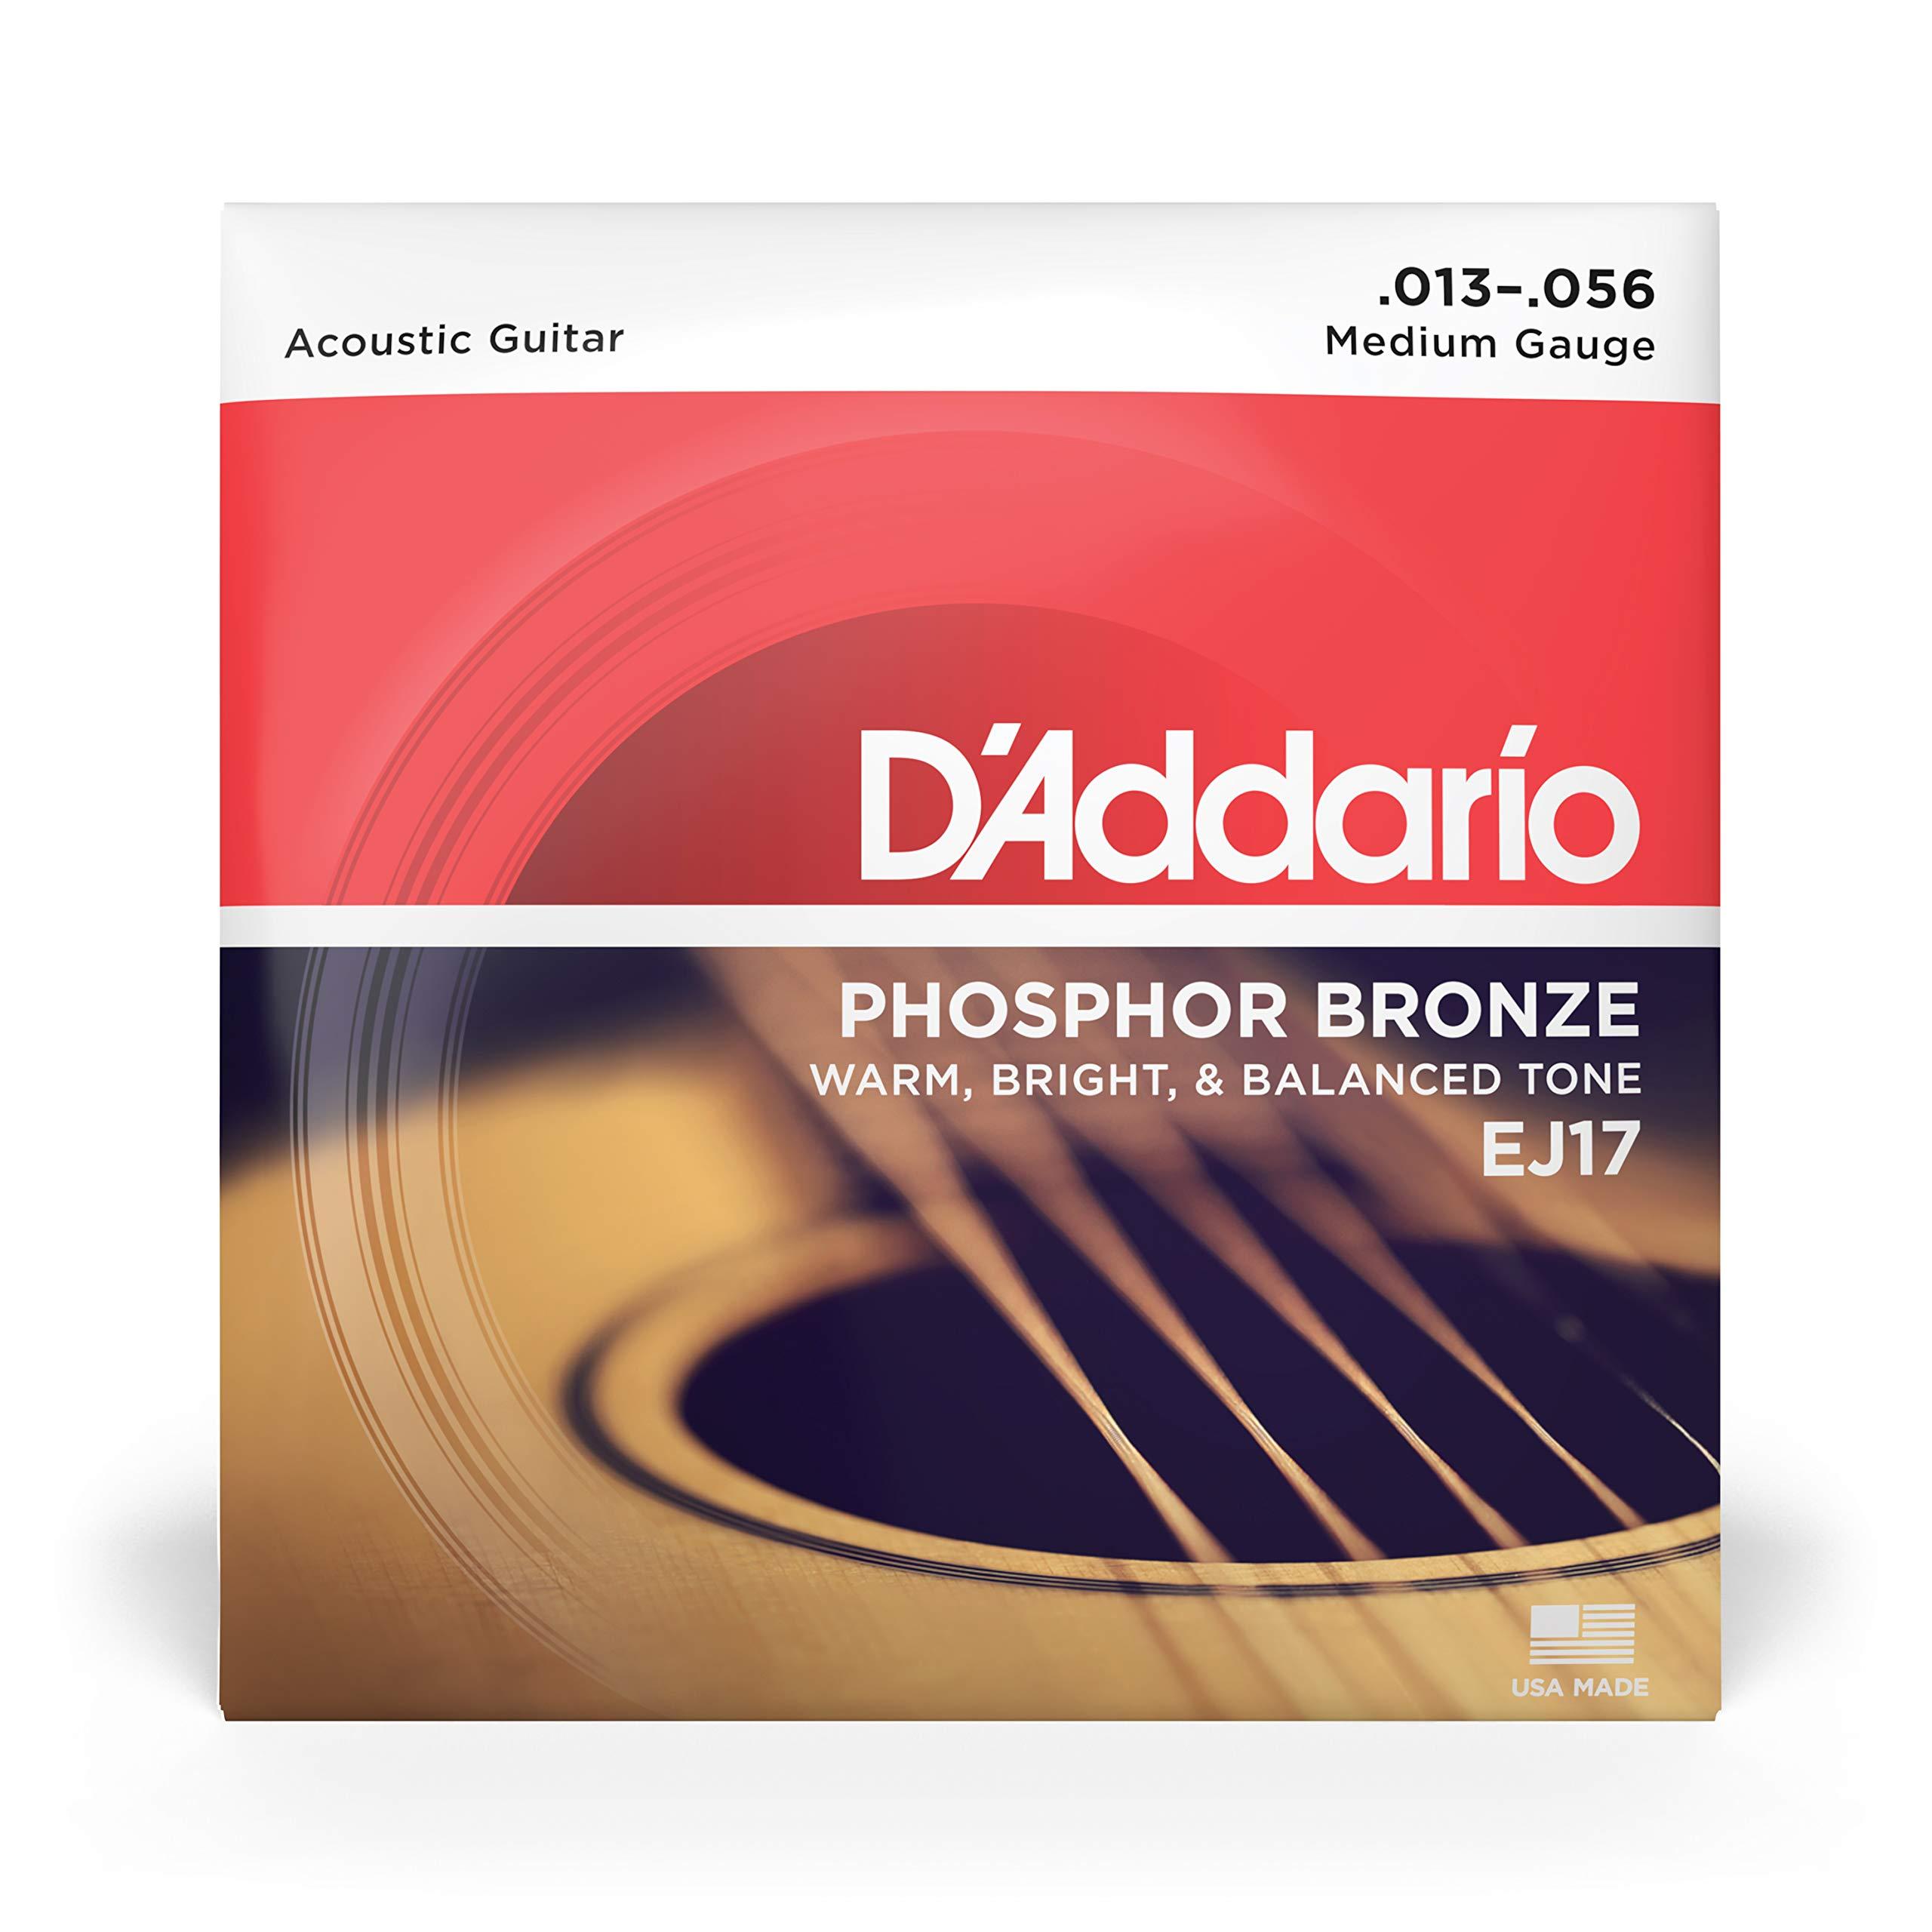 DAddario EJ17 Juego de Cuerdas, Naranja: Amazon.es: Instrumentos musicales